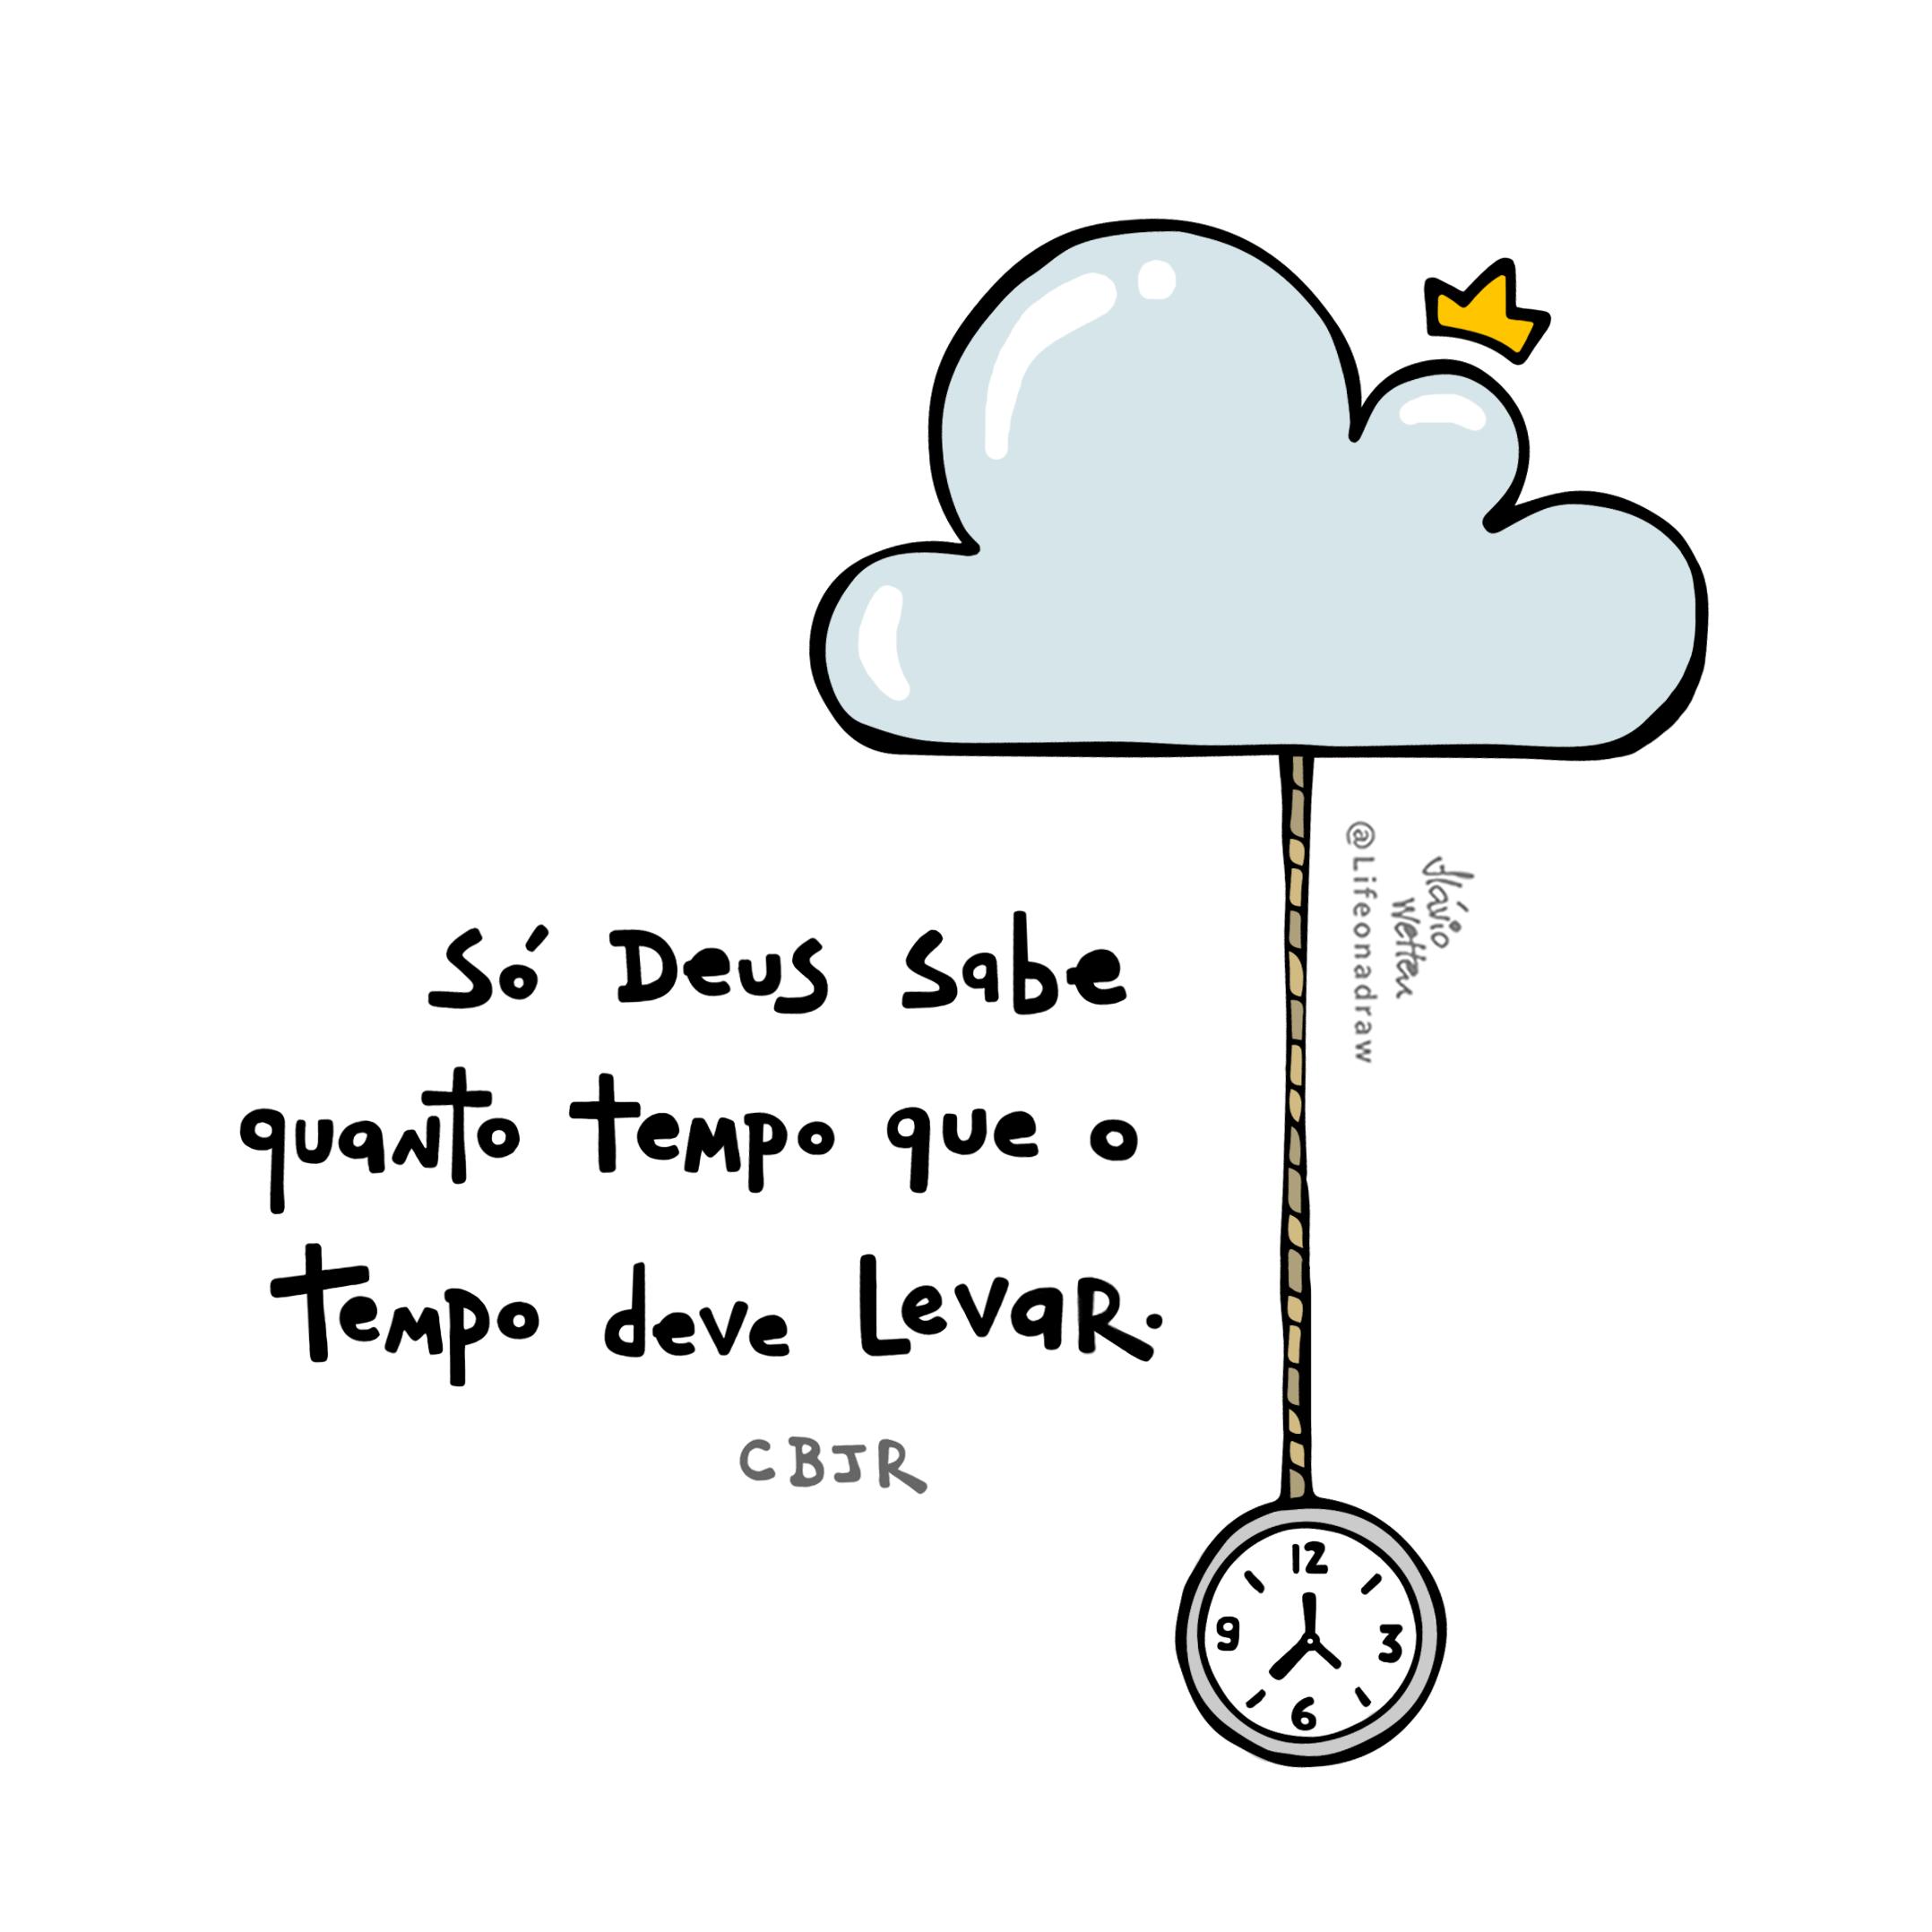 tempo leva